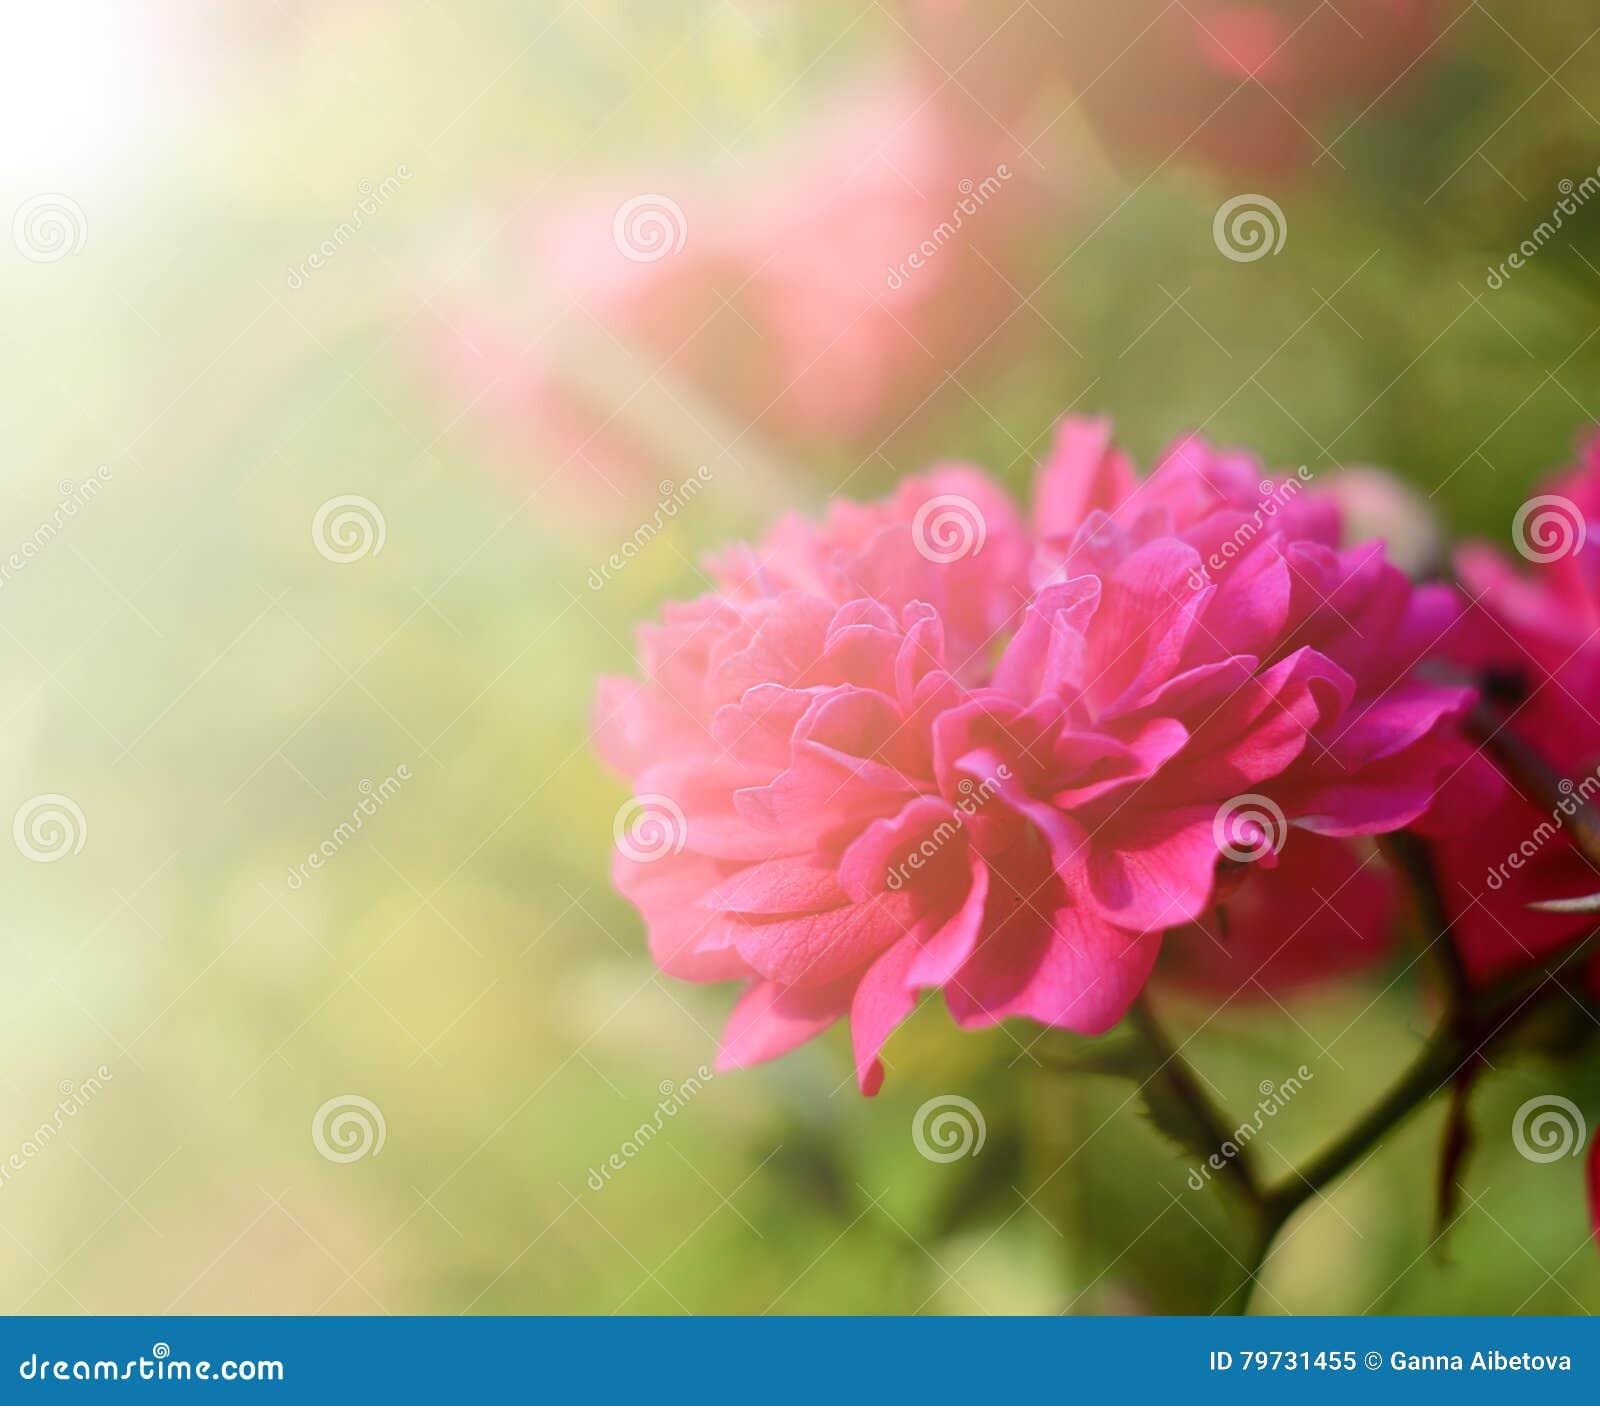 Rosa brillante del rosa que florece en el jardín, al aire libre Fondo estacional de la primavera botánica hermosa